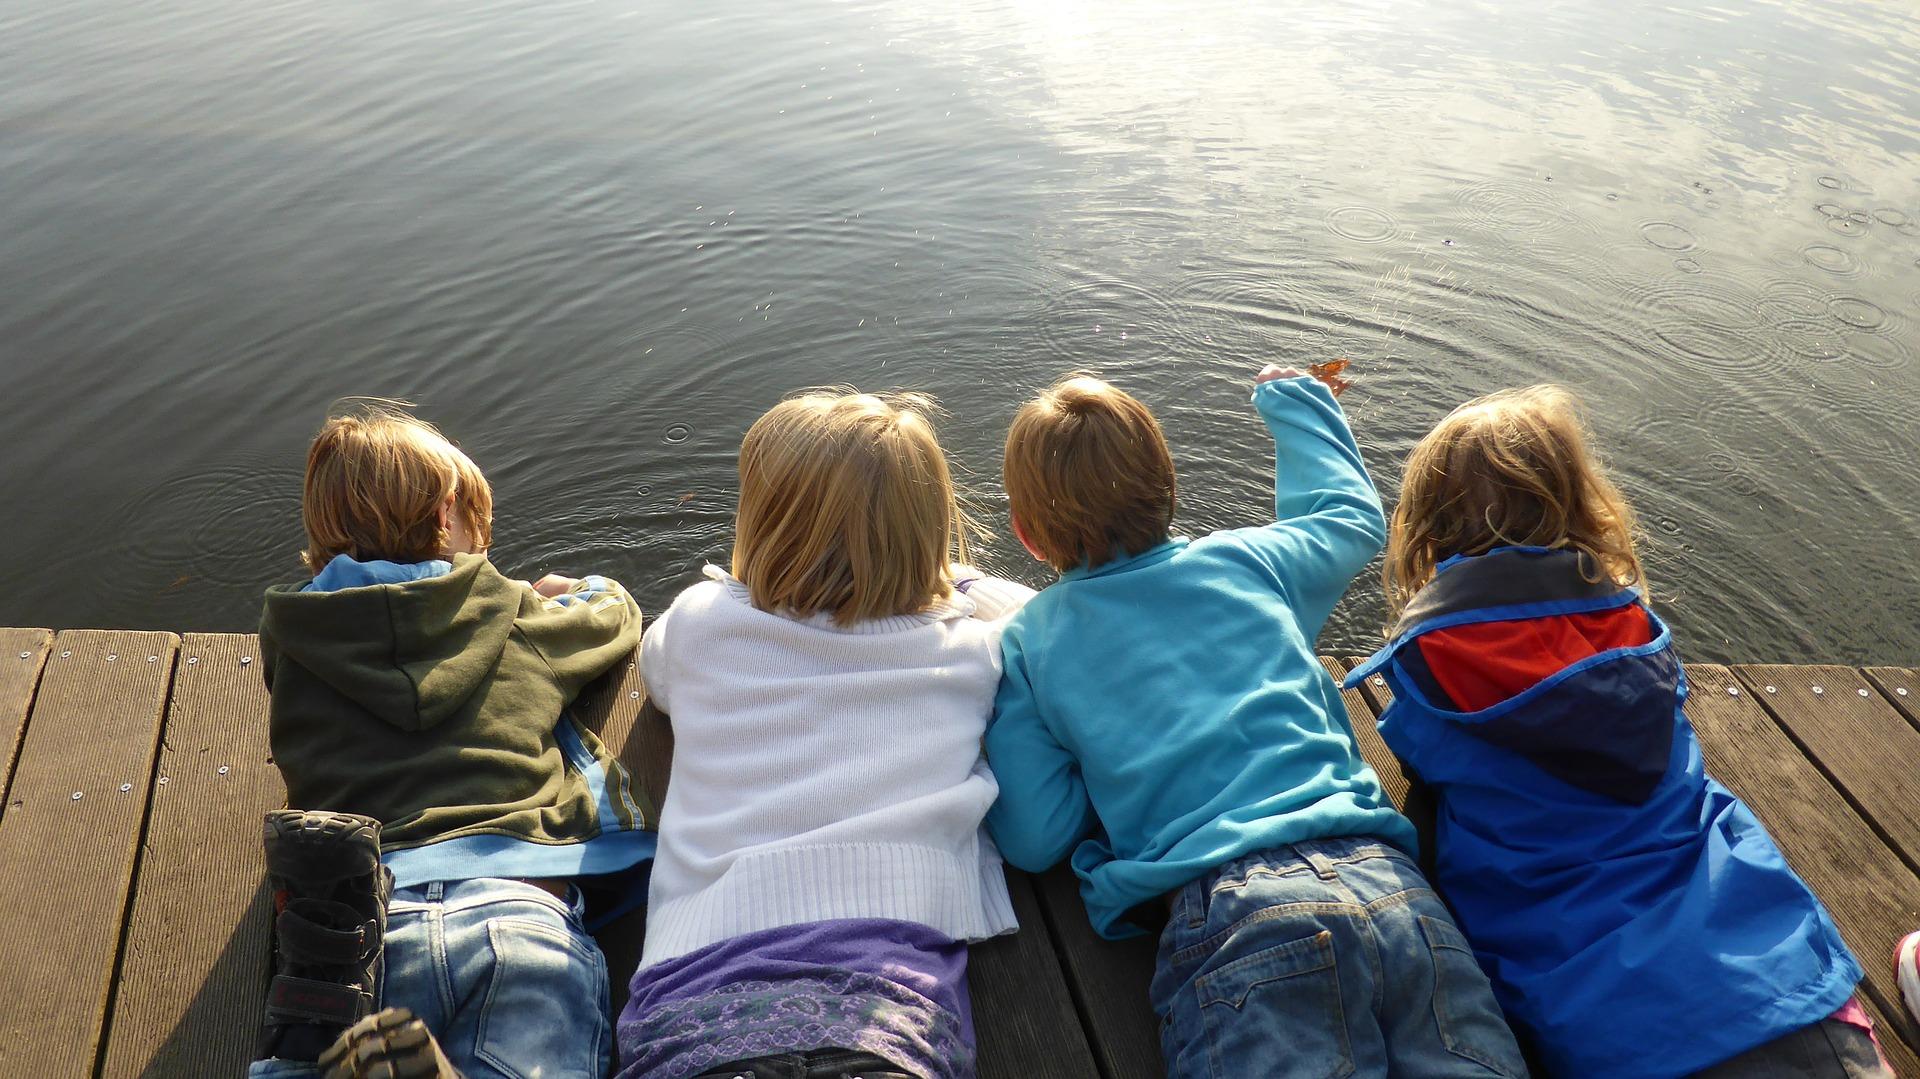 niños y niñas tumbados junto a un lago